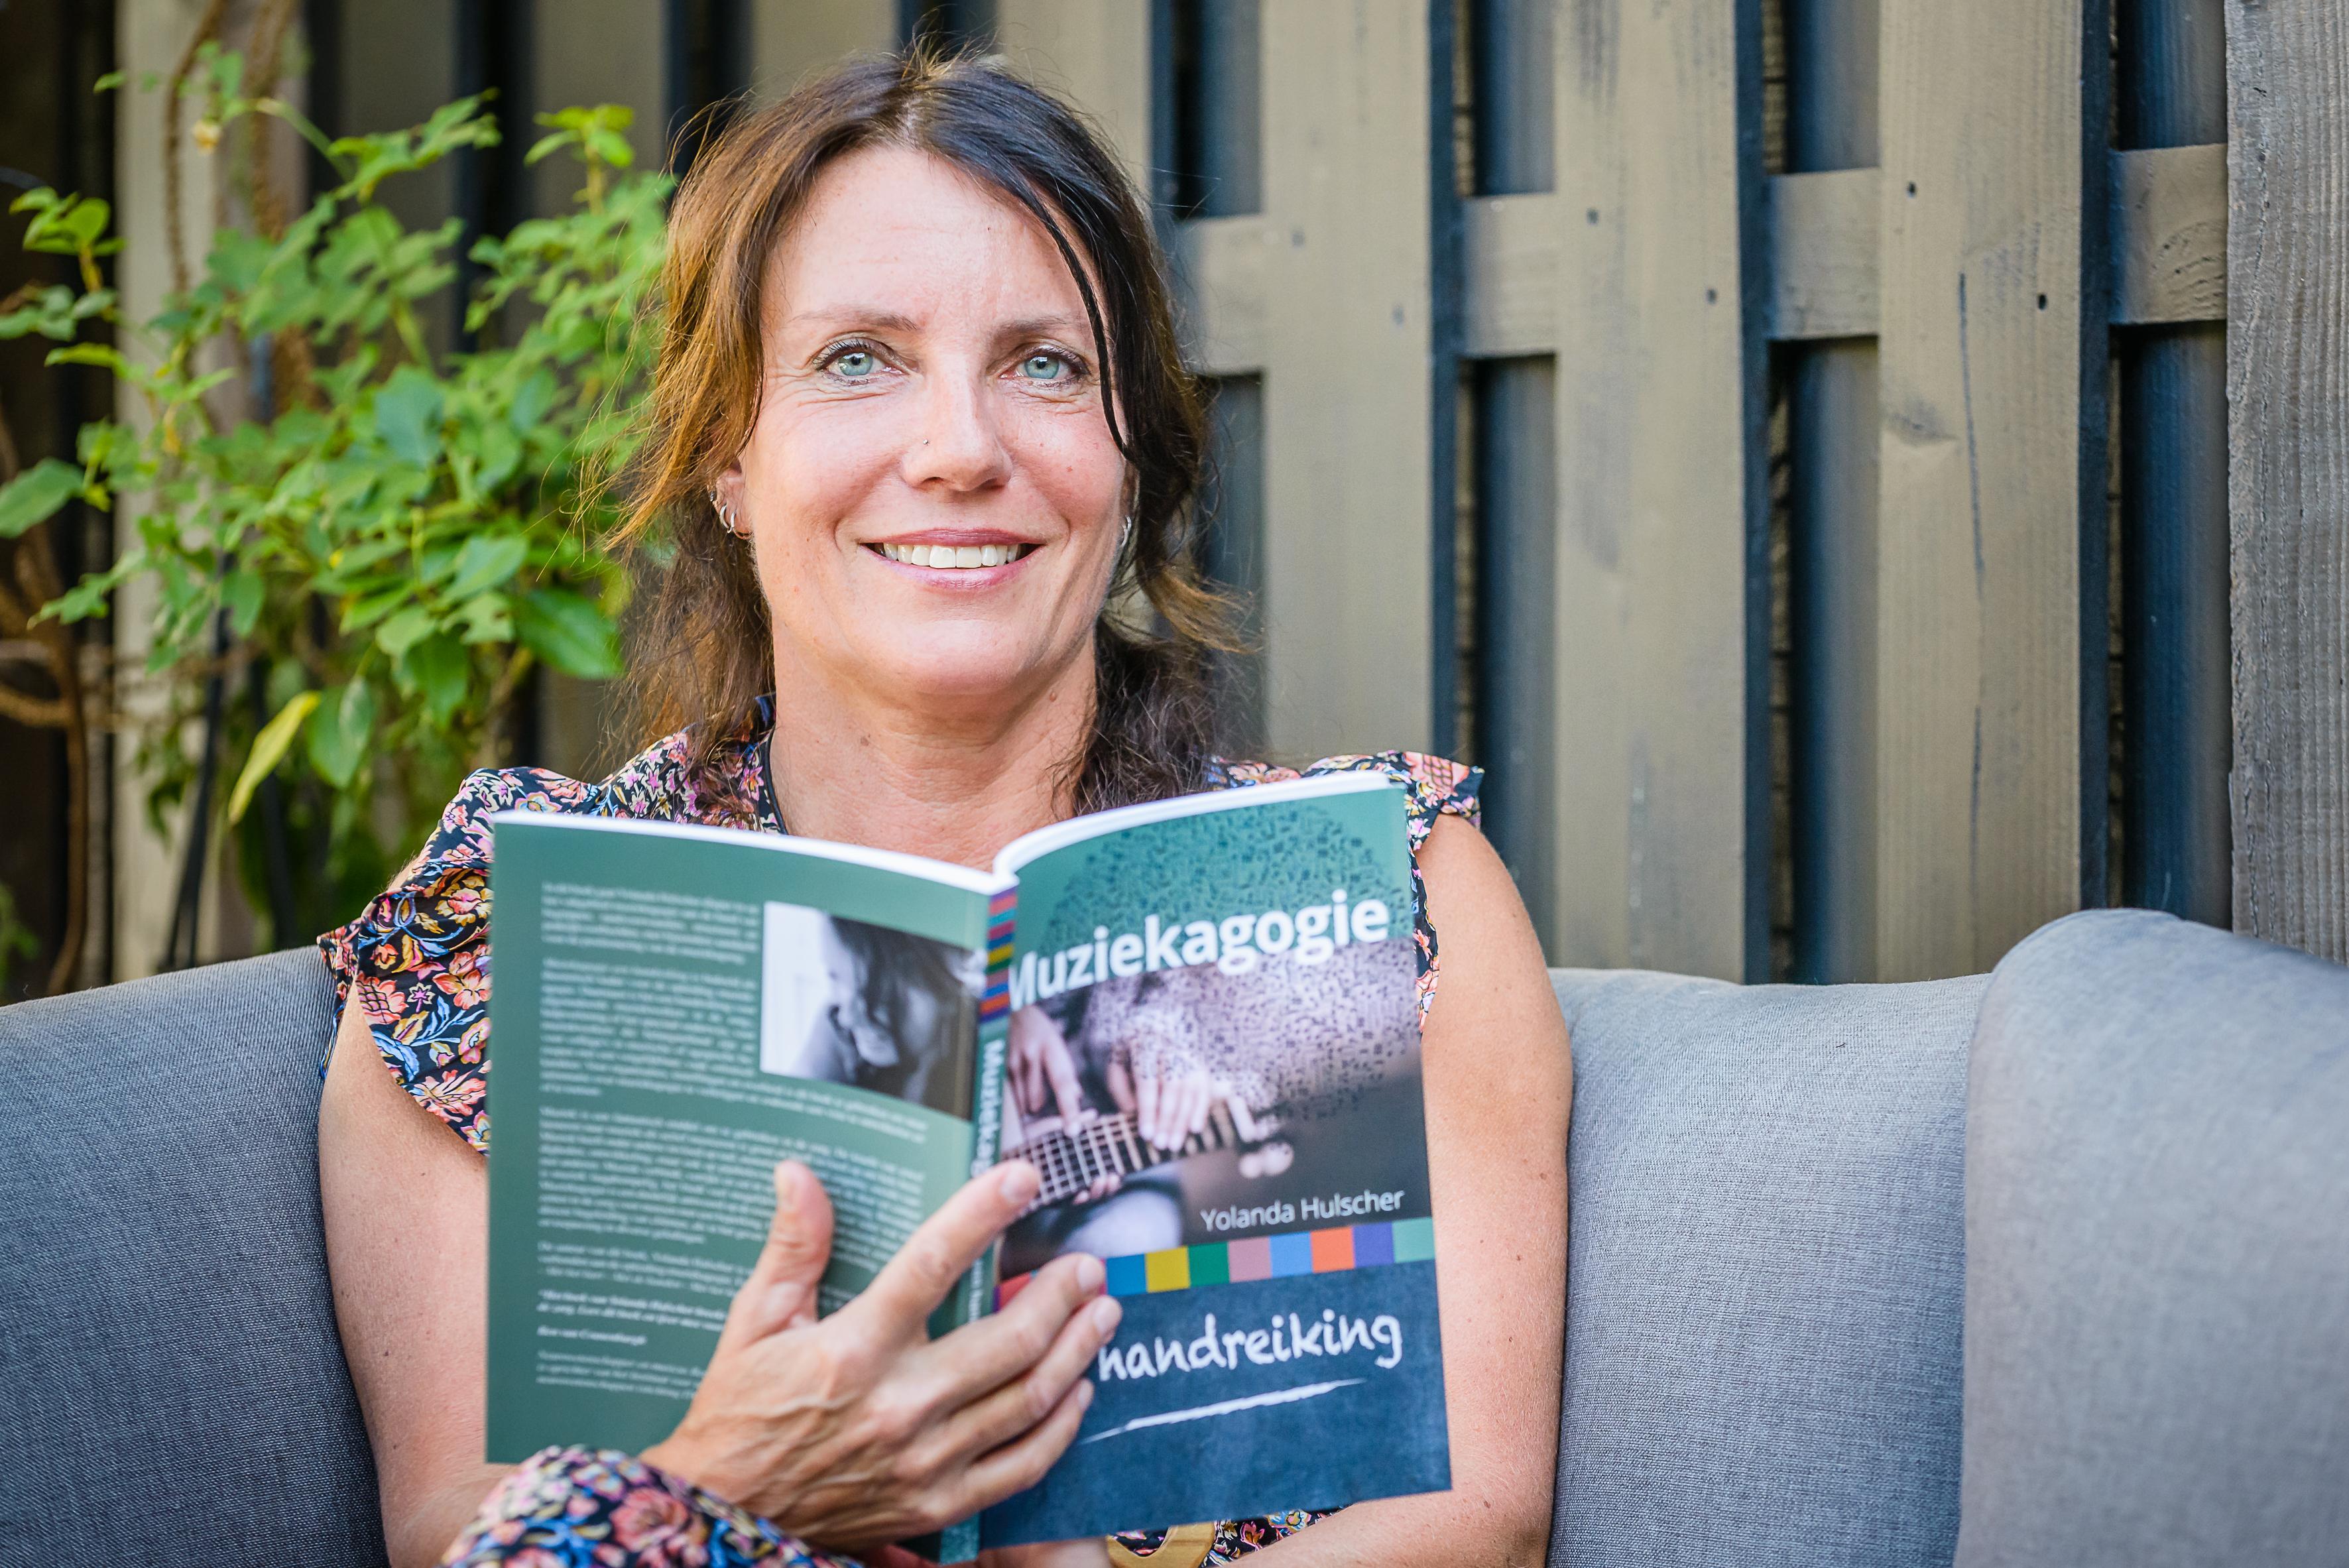 'Met mijn gitaar en zang ga ik op zoek naar de mens achter de beperking'; Yolanda Hulscher uit Edam schreef boek over muziekagogie, oftewel muziek als medicijn